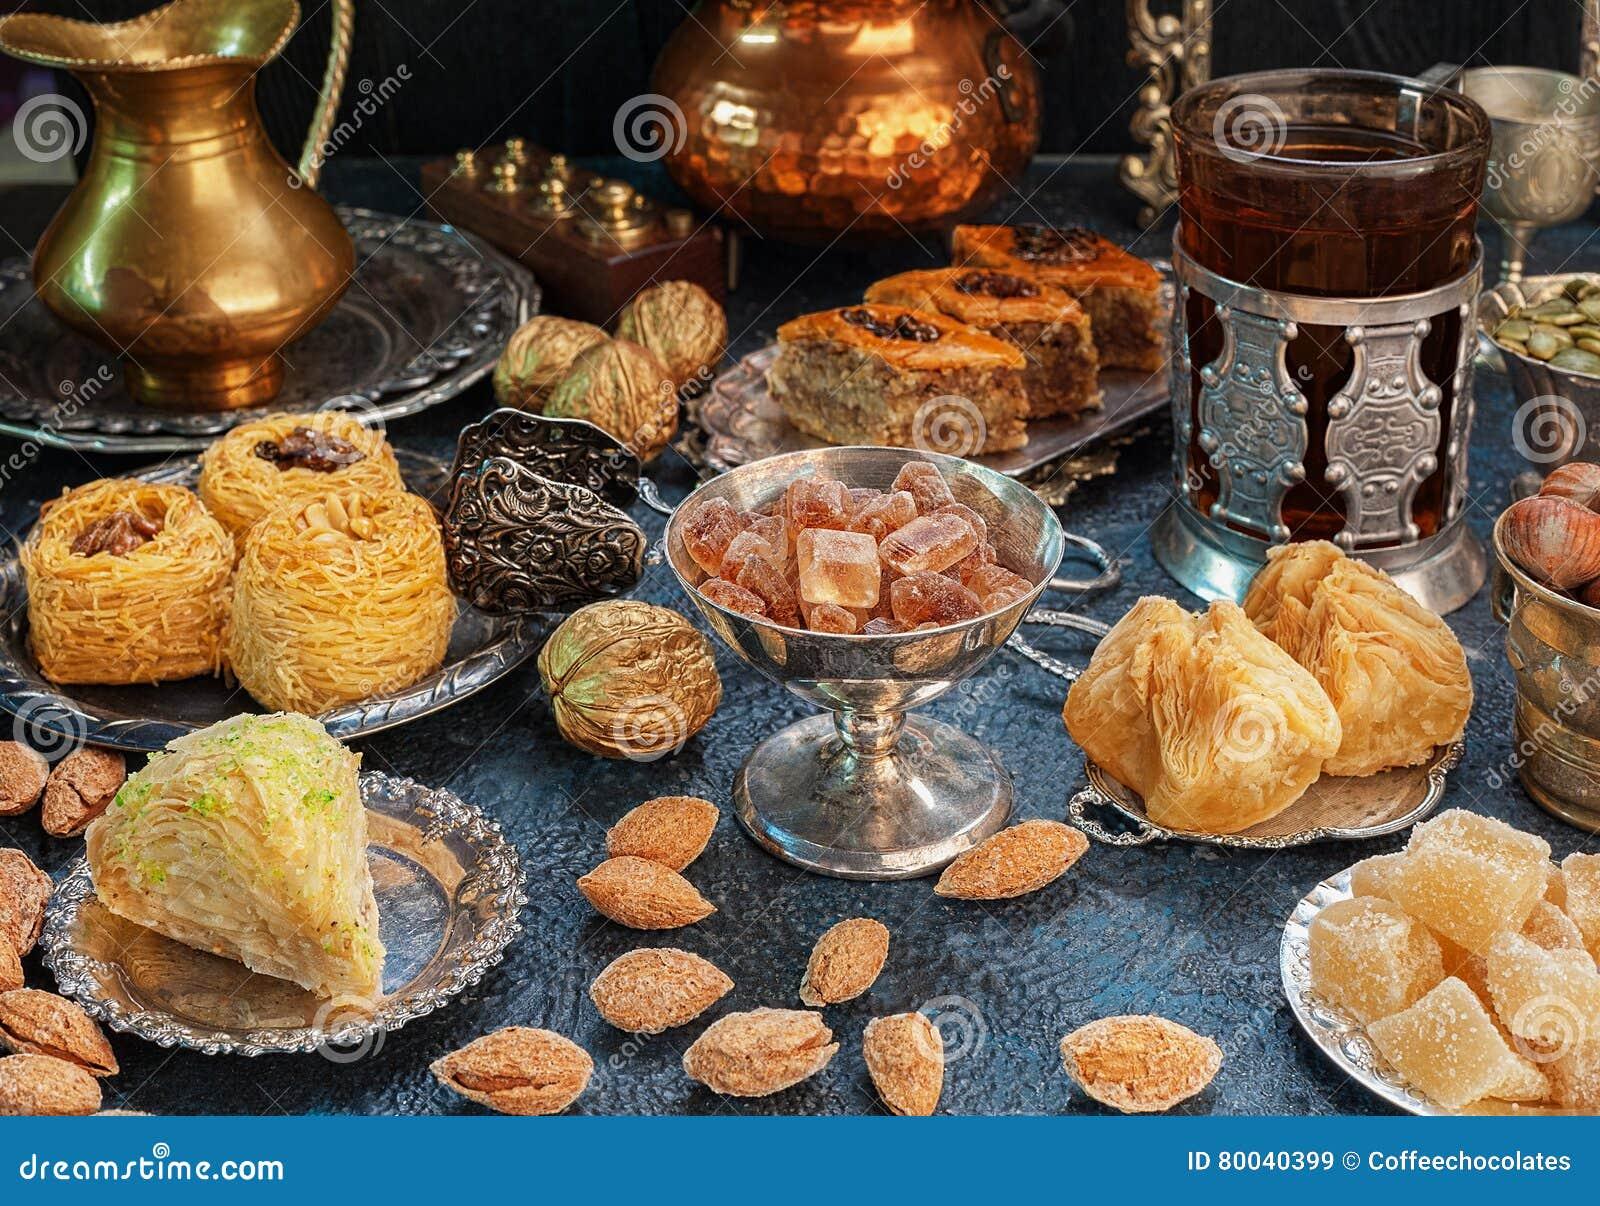 Wielki ustawiający Wschodni, Arabscy, Tureccy cukierki,